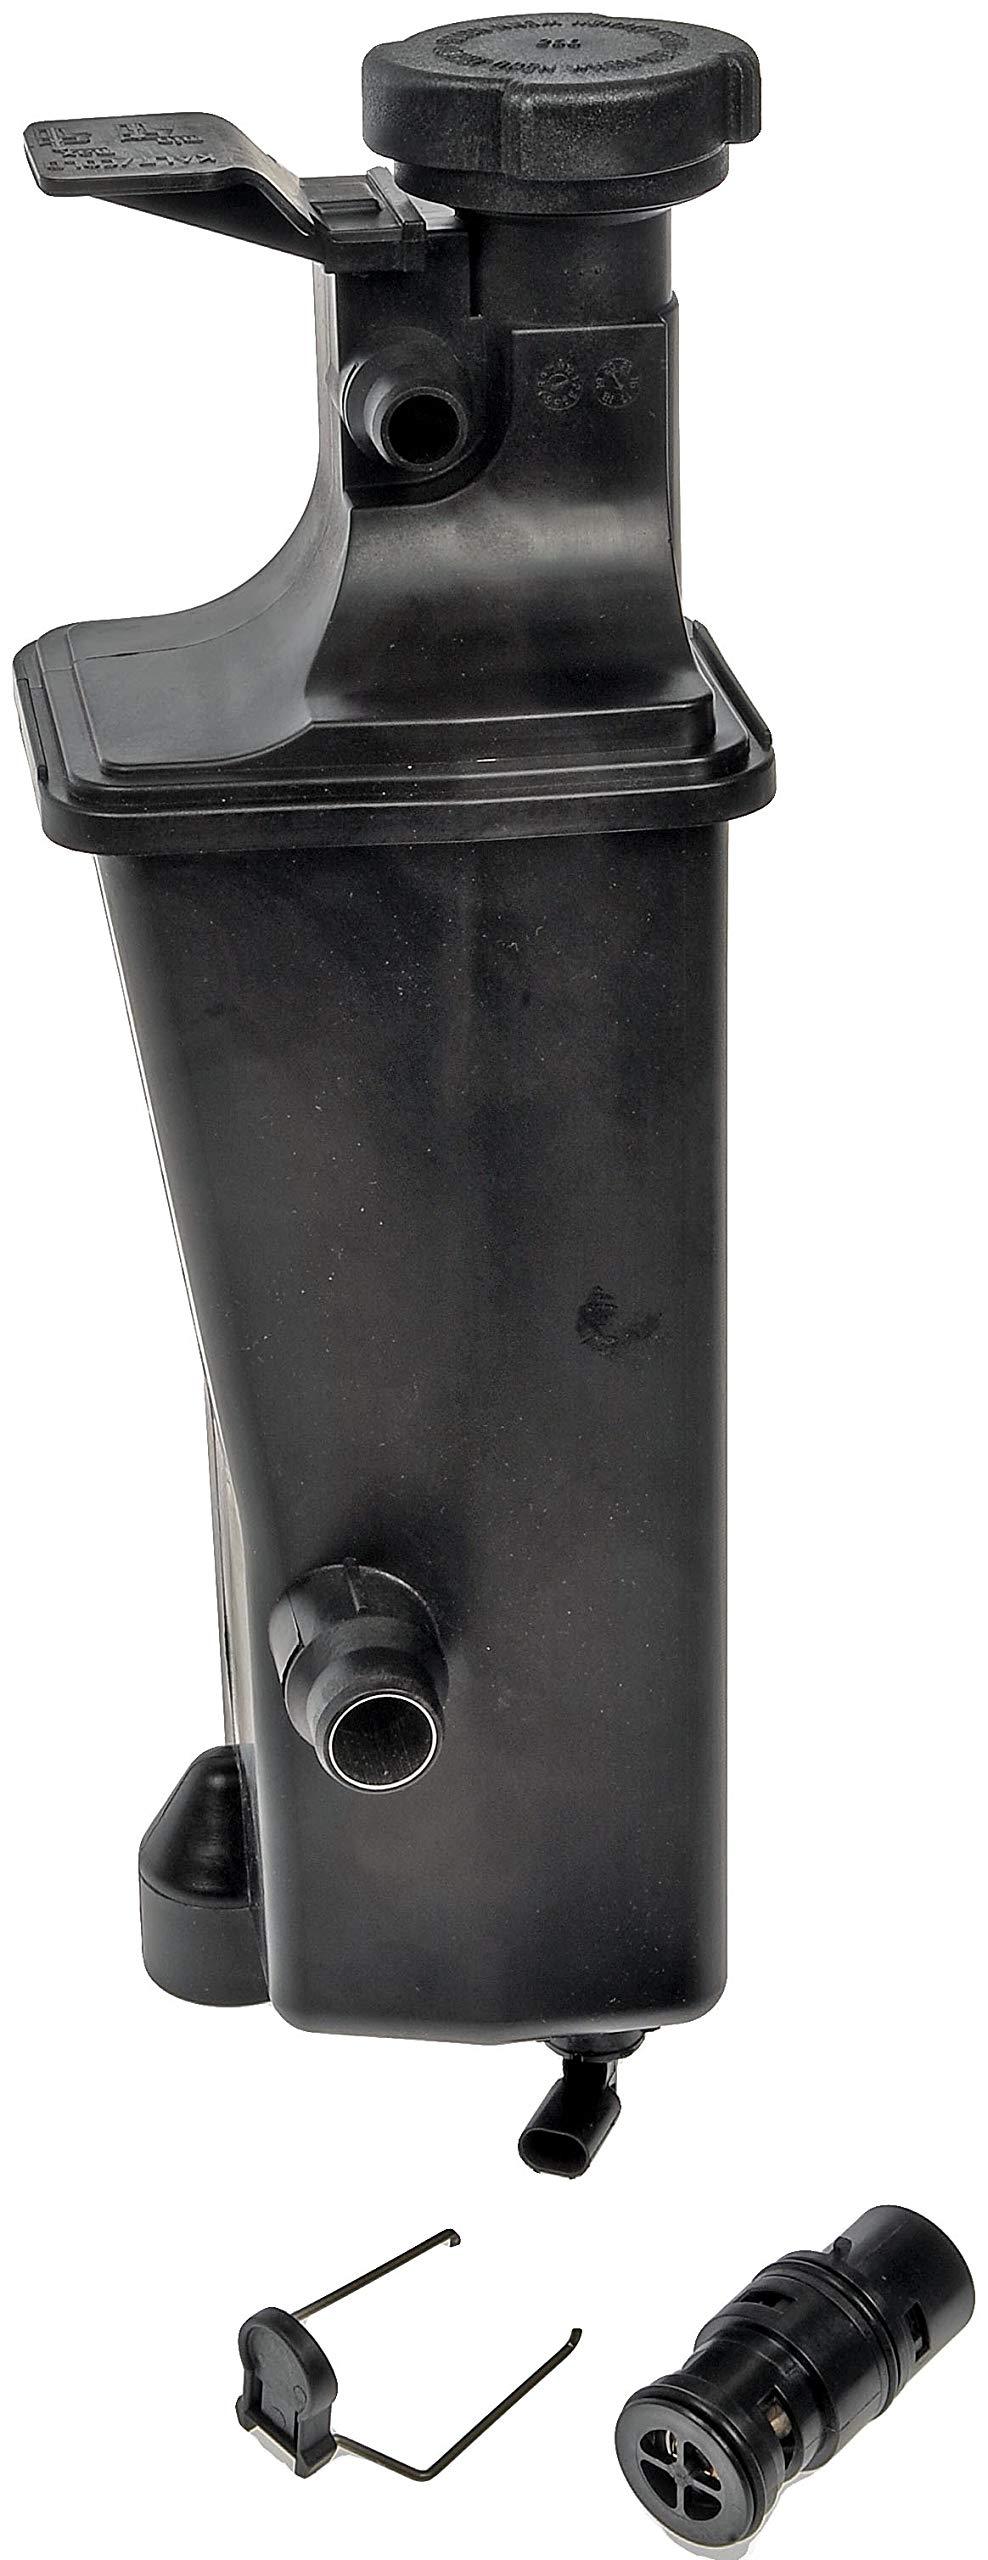 Dorman 603-659 Pressurized Coolant Reservoir for Select BMW Z4 Models